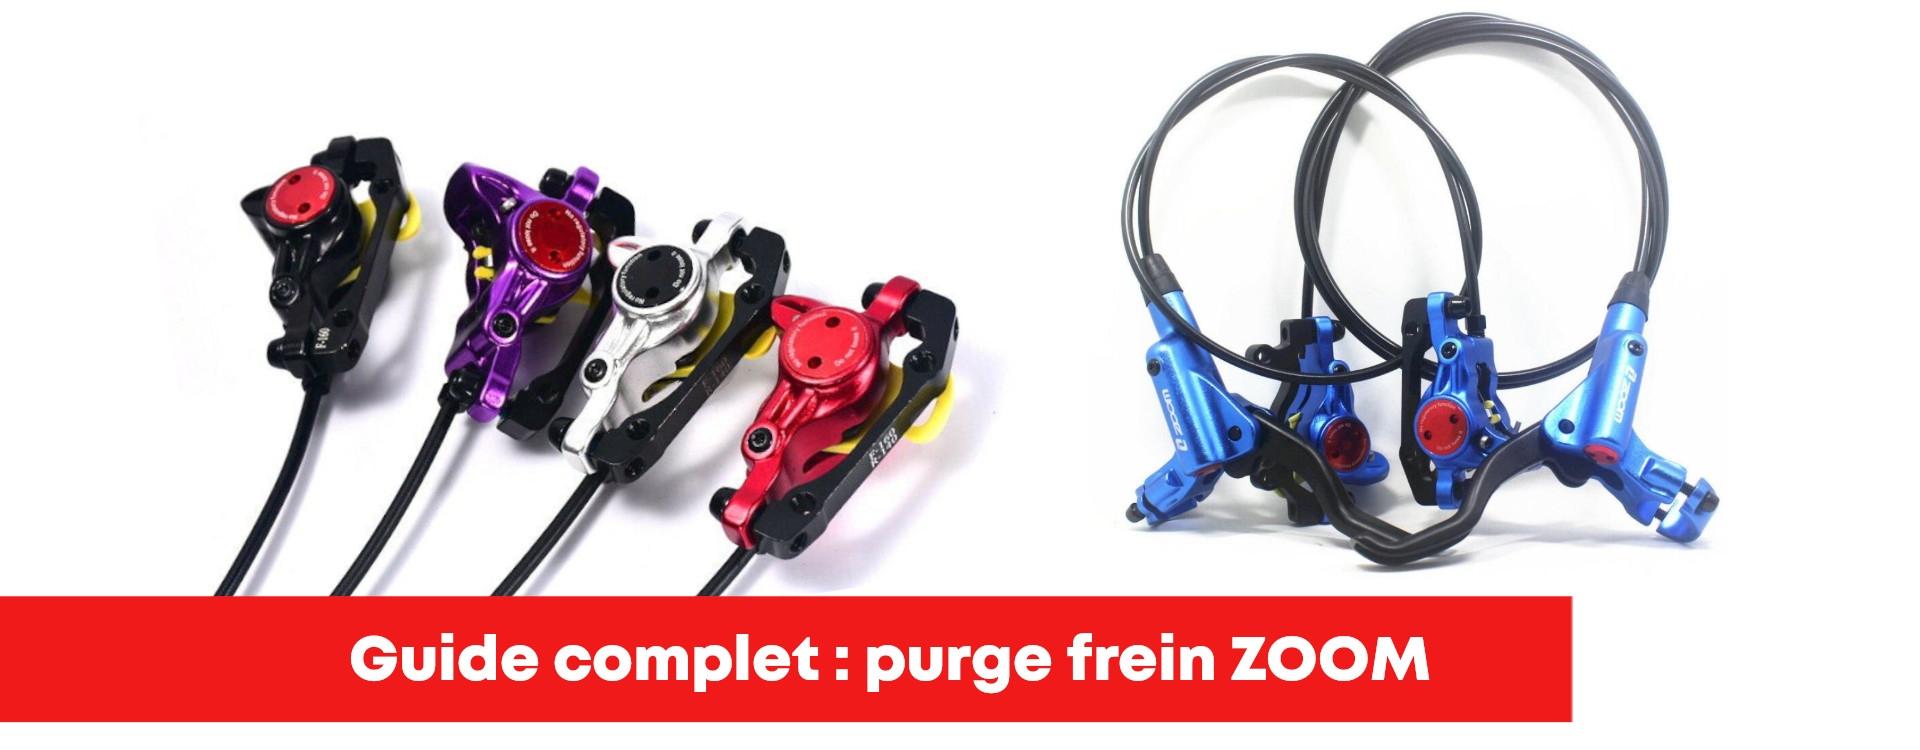 Purge frein ZOOM HB-875 étape par étape !